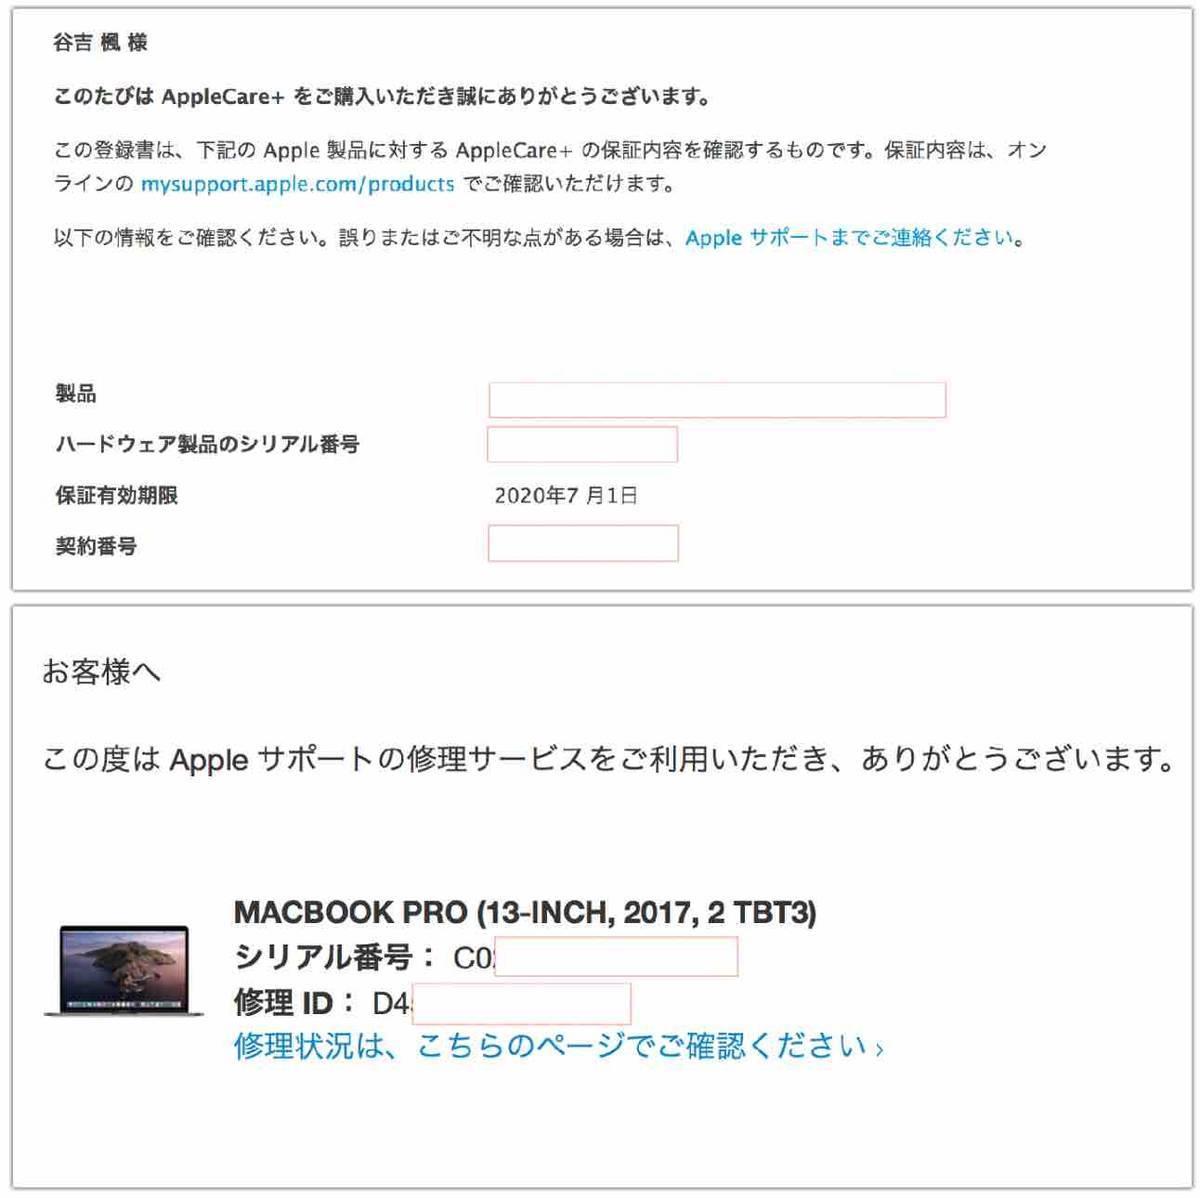 f:id:kaedetaniyoshi:20200702211520j:plain